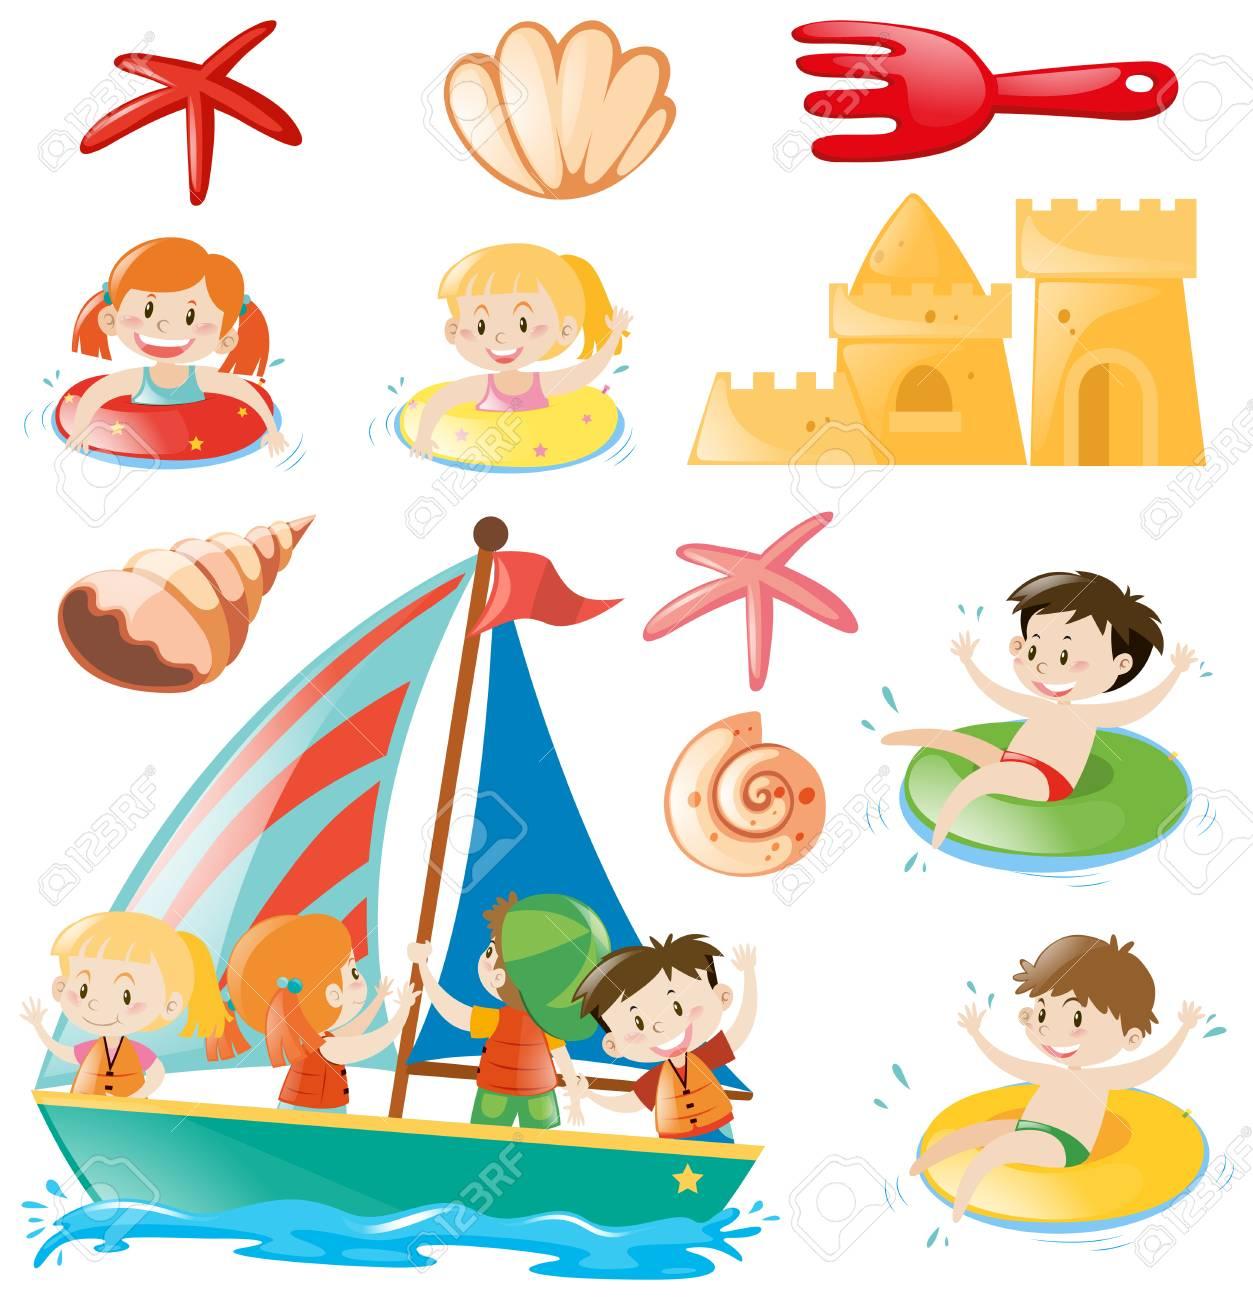 niños en la ilustración de objetos de barco y playa ilustraciones